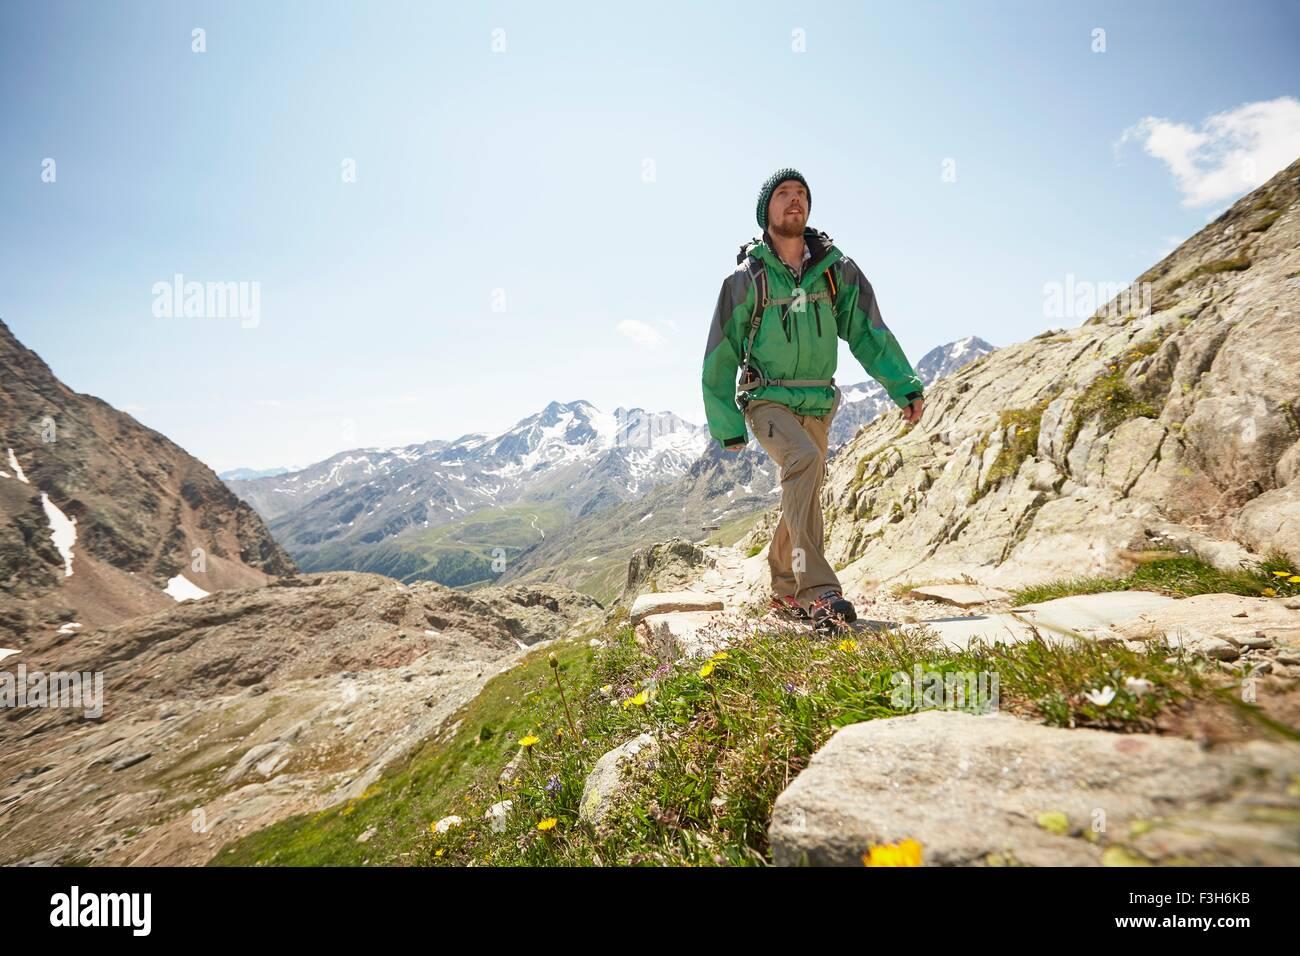 Giovane maschio escursionista escursioni Val Senales ghiacciaio della Val Senales, Alto Adige, Italia Immagini Stock